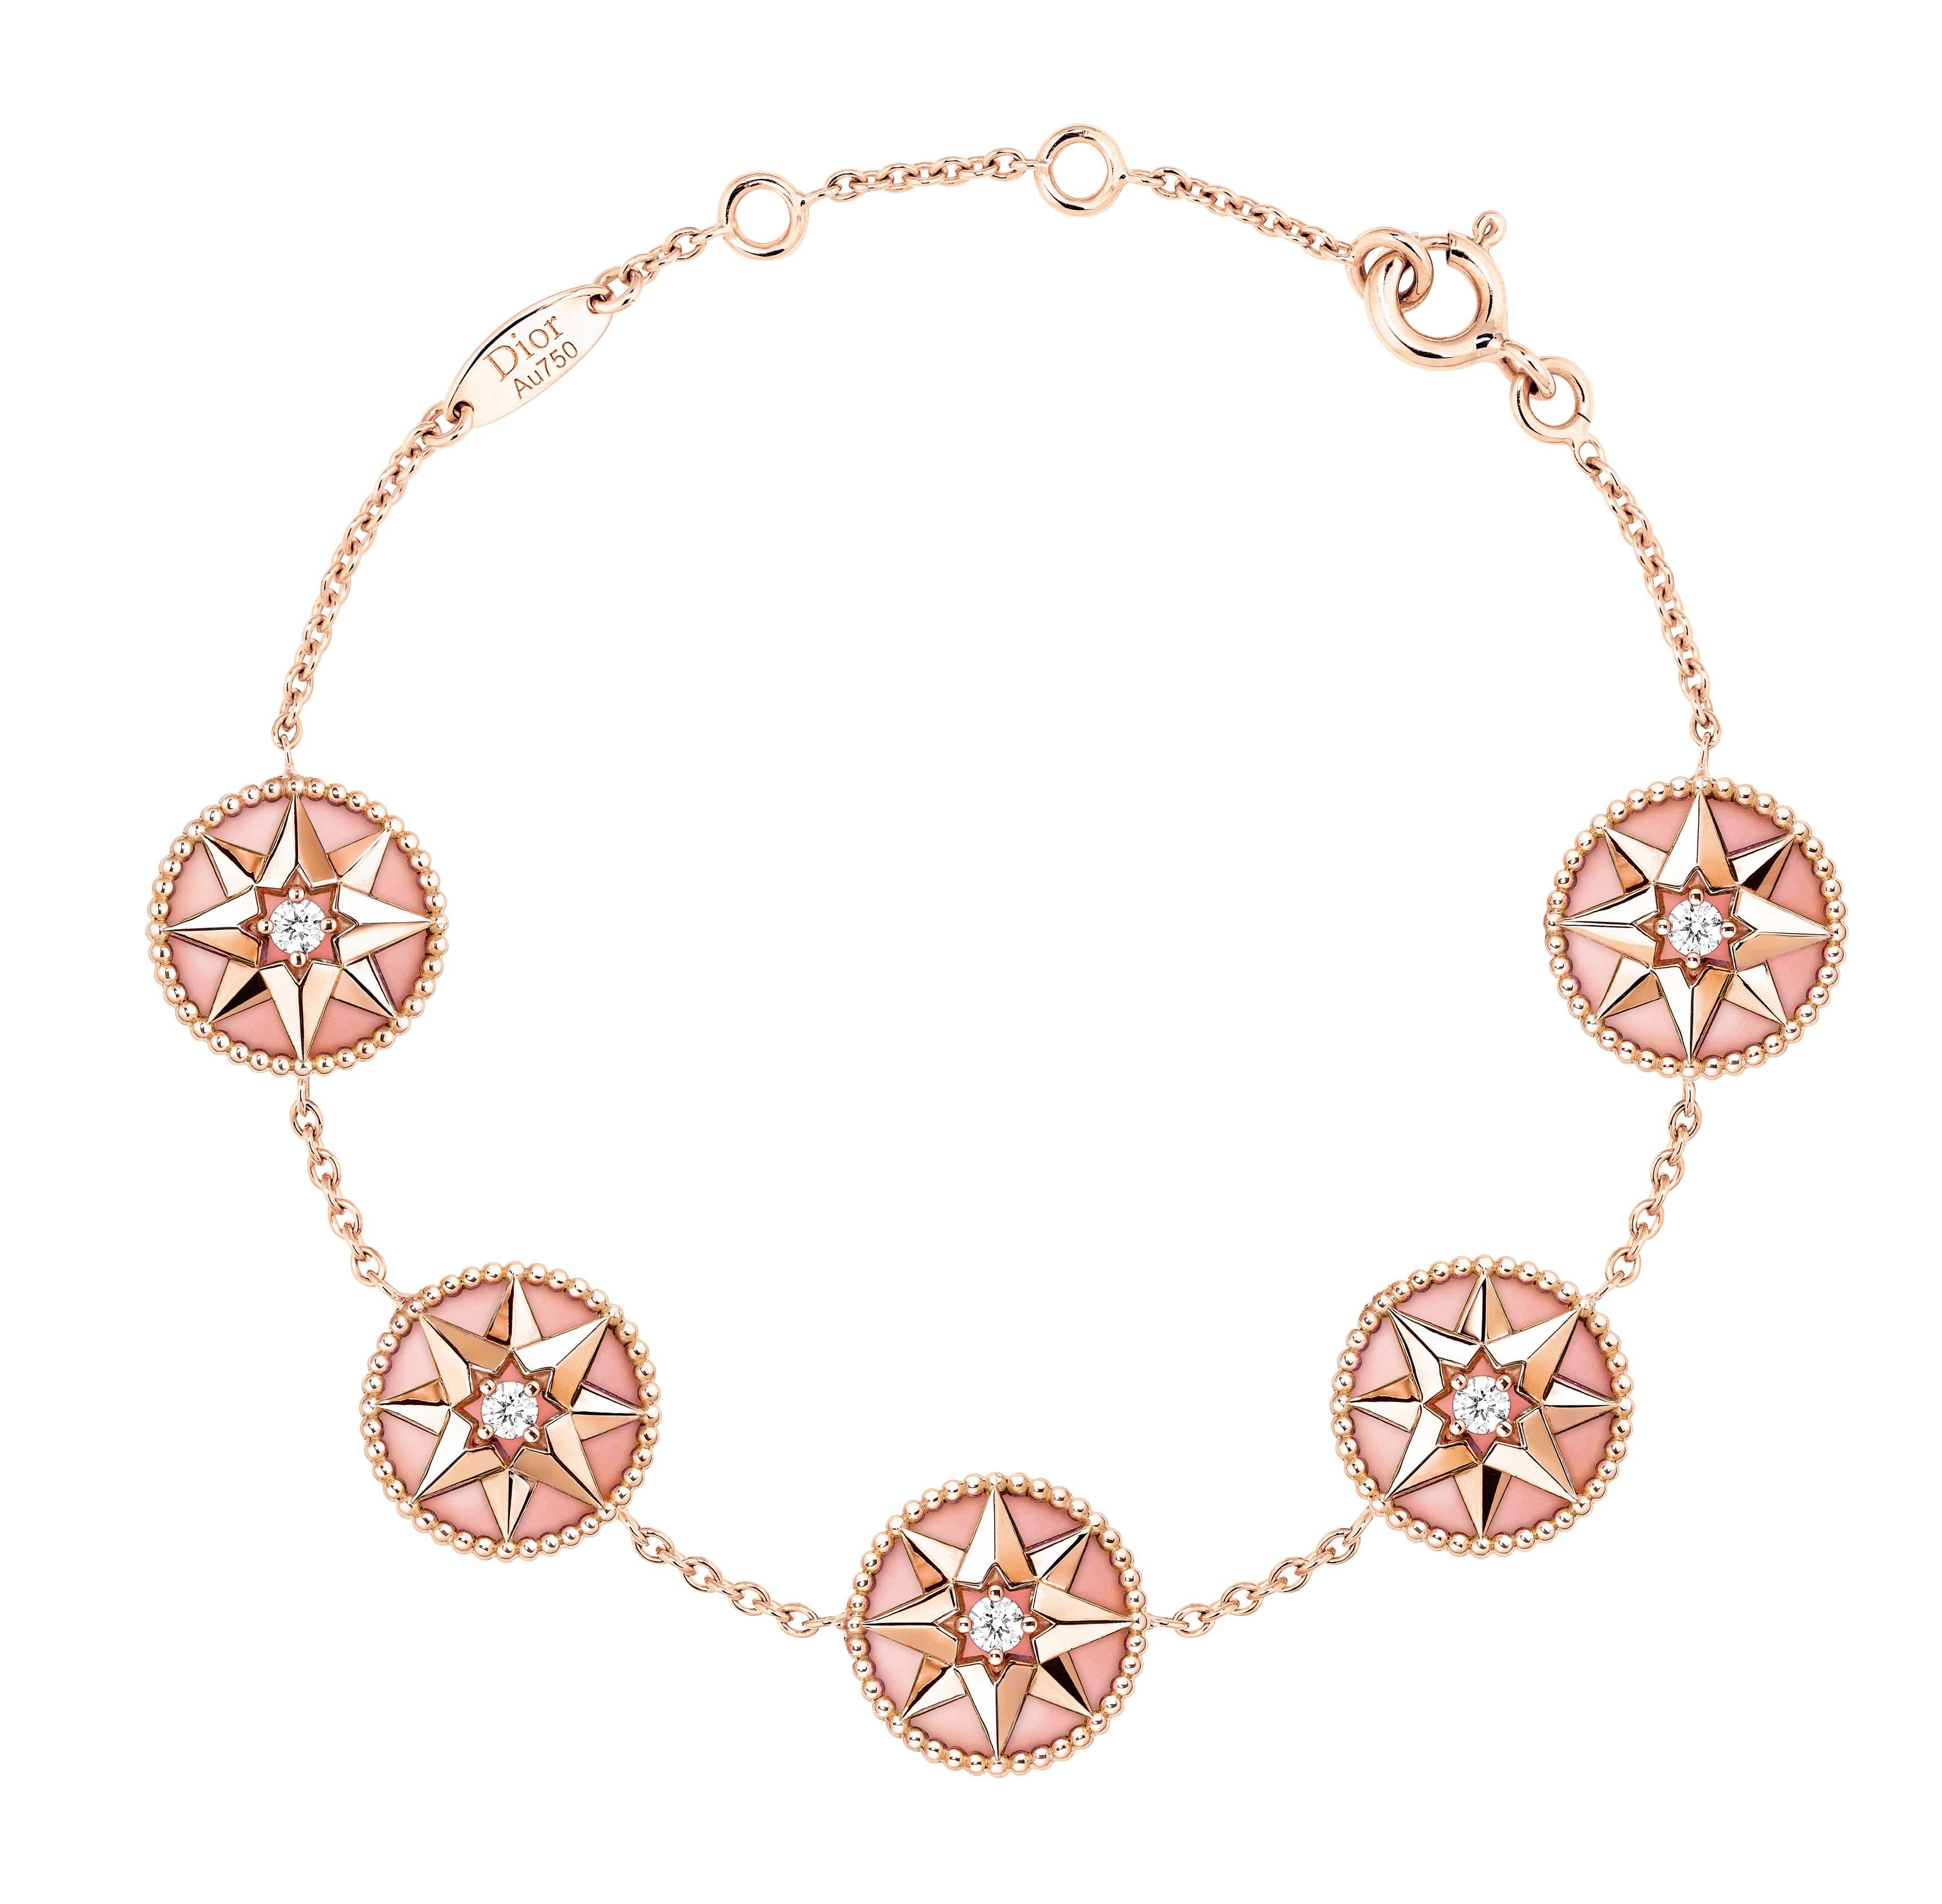 Bracelet rose des vents or rose, diamants et opale rose.